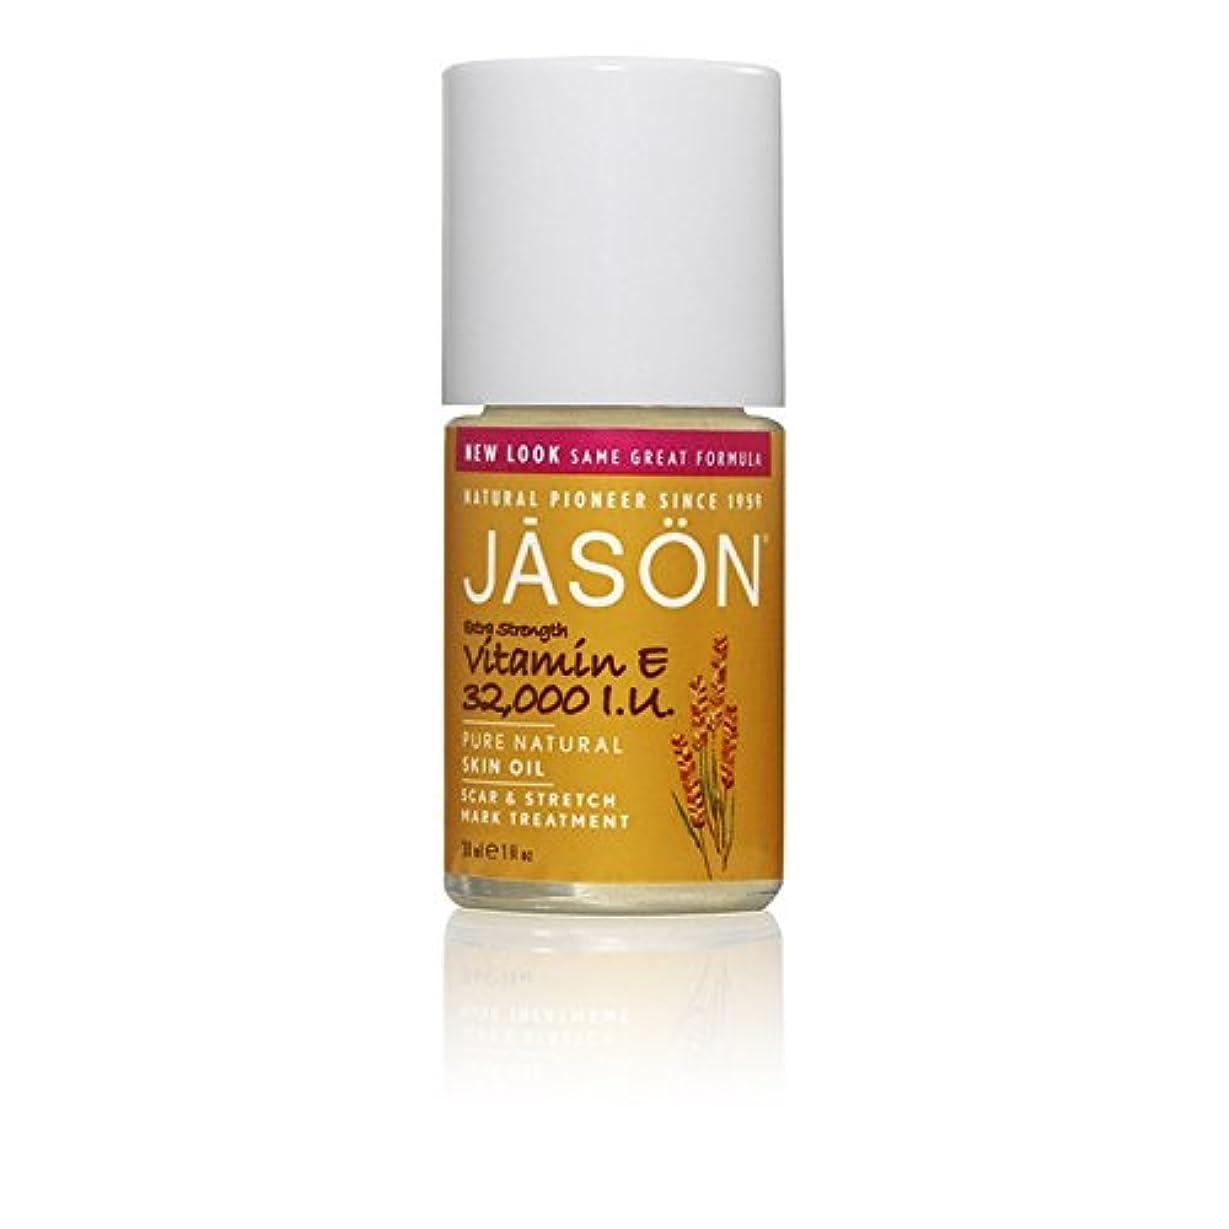 分類水曜日キャロラインJason Vitamin E 32,000iu Oil Scar & Stretch Mark Treatment 33ml (Pack of 6) - ジェイソン?ビタミン 32,000オイル傷跡&ストレッチマークトリートメント33ミリリットル x6 [並行輸入品]